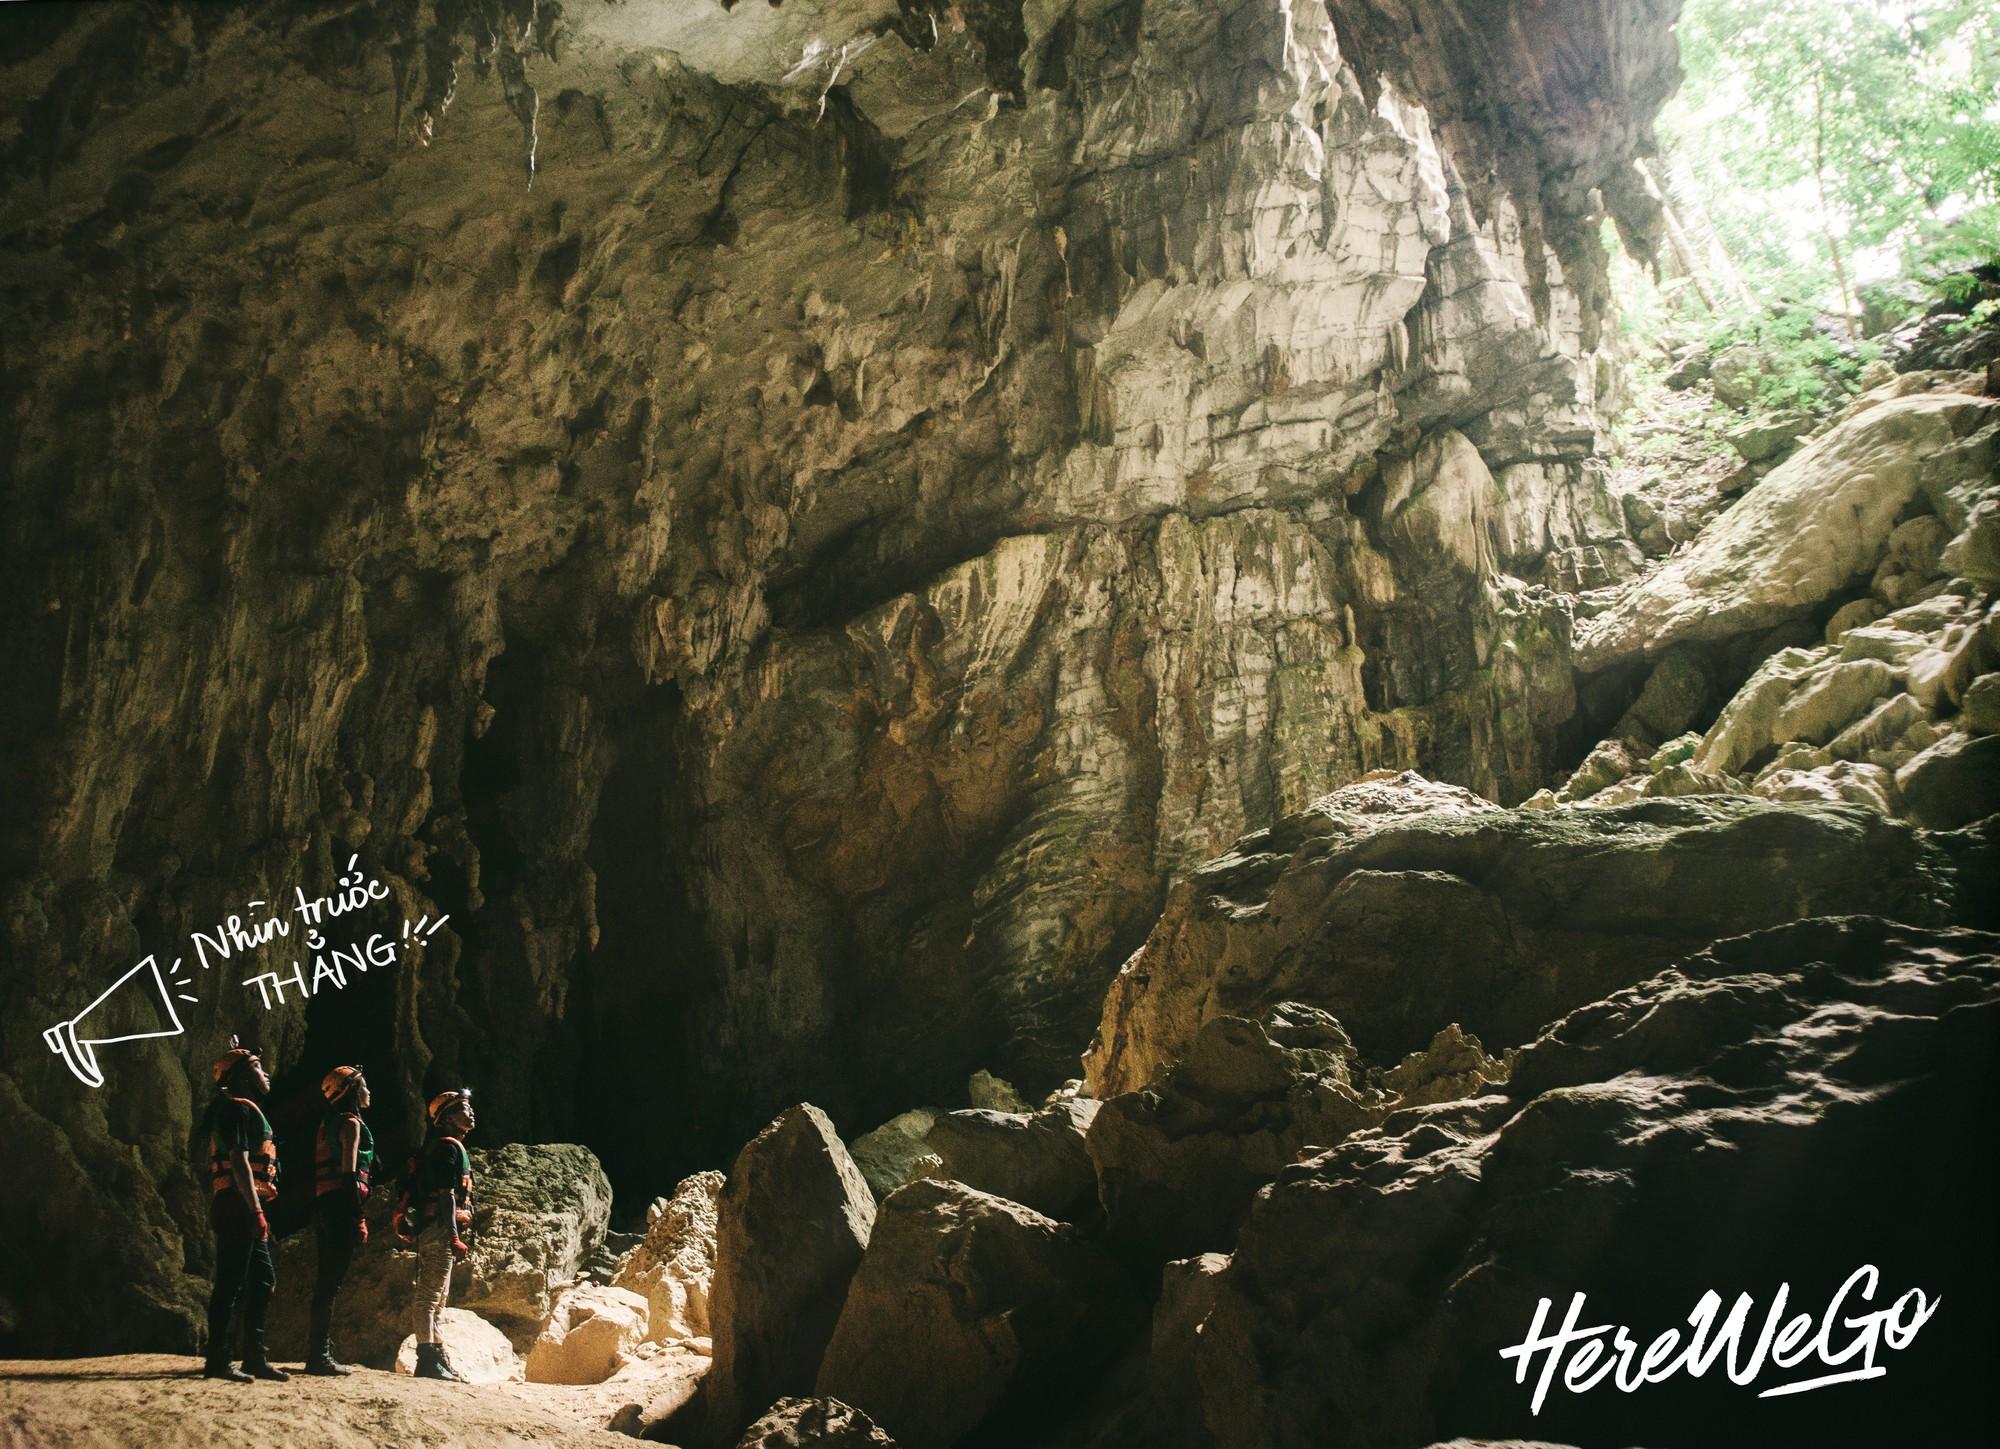 Du lịch Quảng Bình không hề khô khan, còn có Tú Làn chờ bạn khám phá - Ảnh 4.